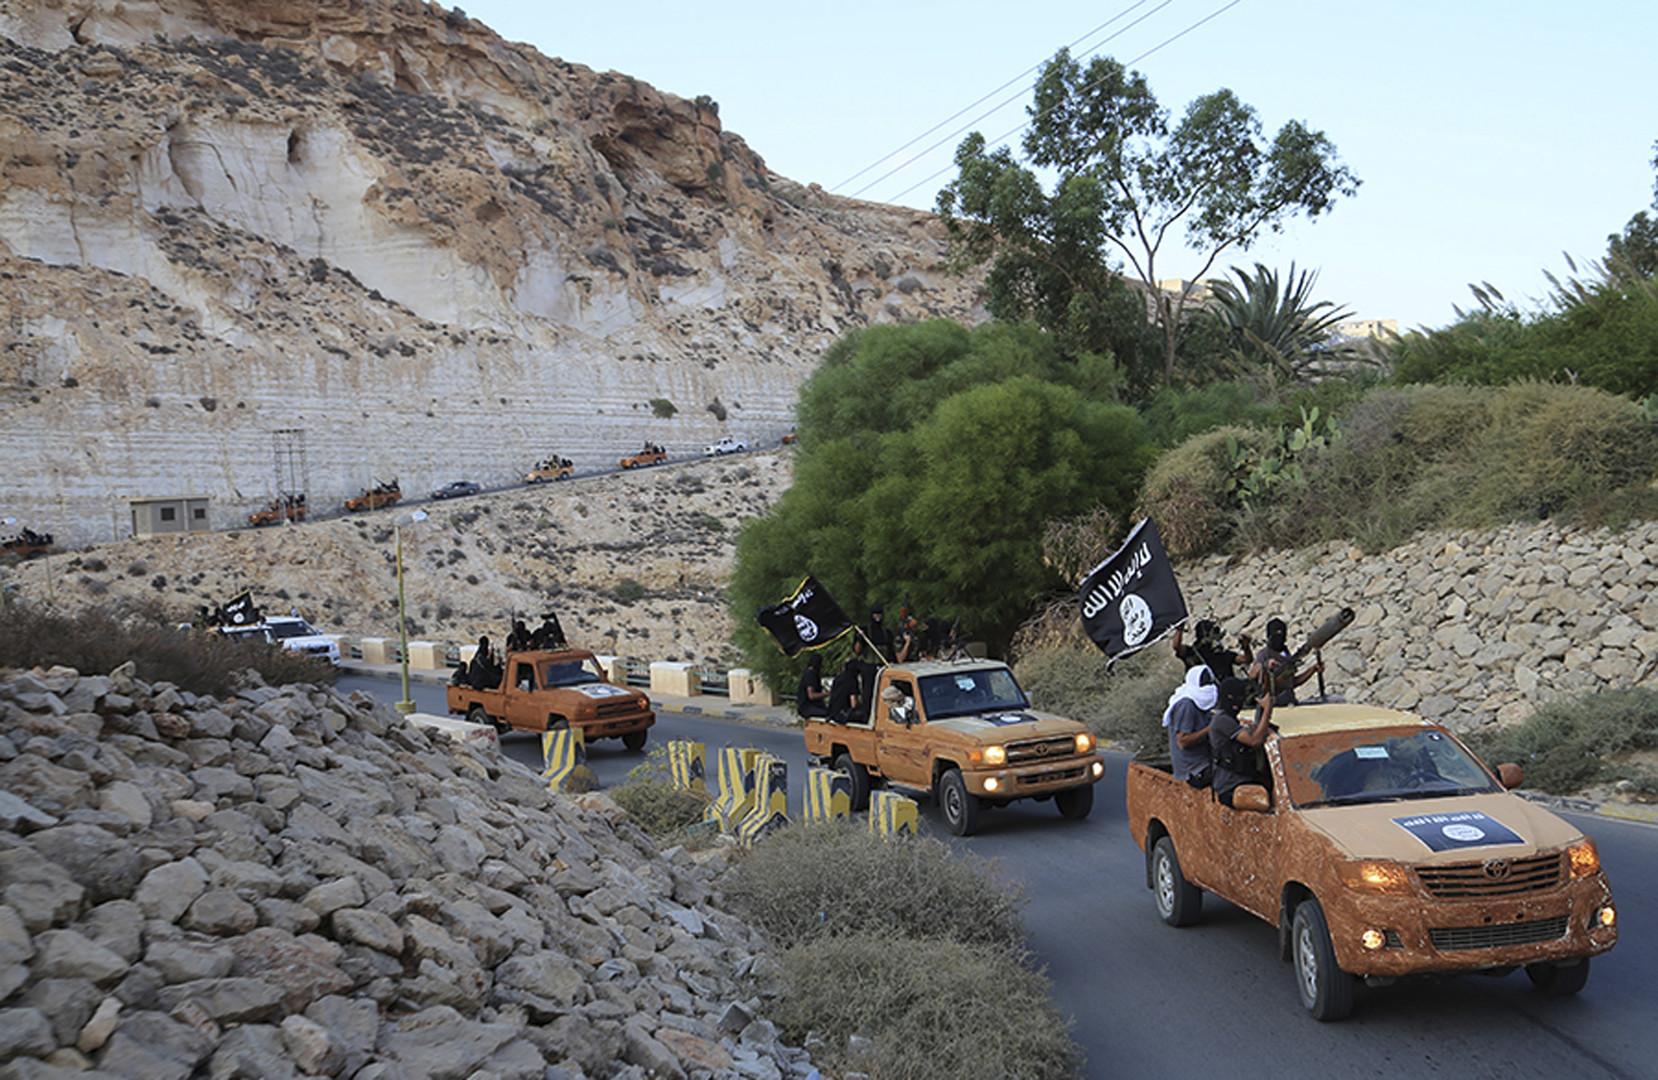 ليبيا.. تواصل القتال في بنغازي واشتباكات في مدن أخرى